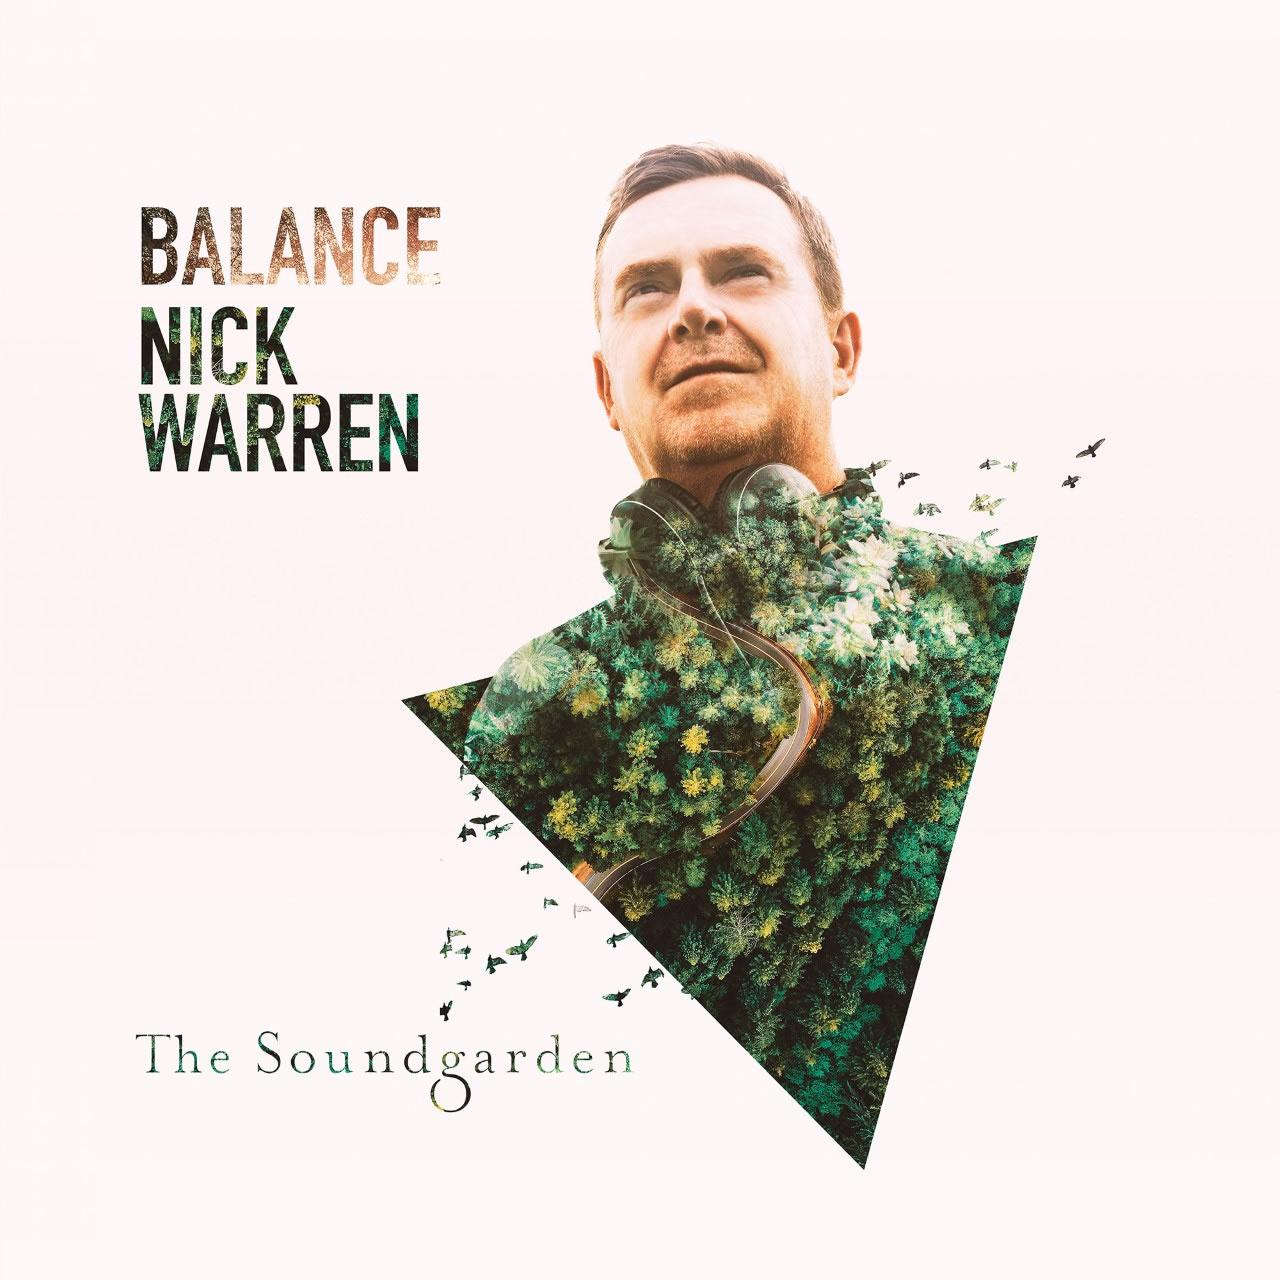 Nick-Warren-Balance.jpg